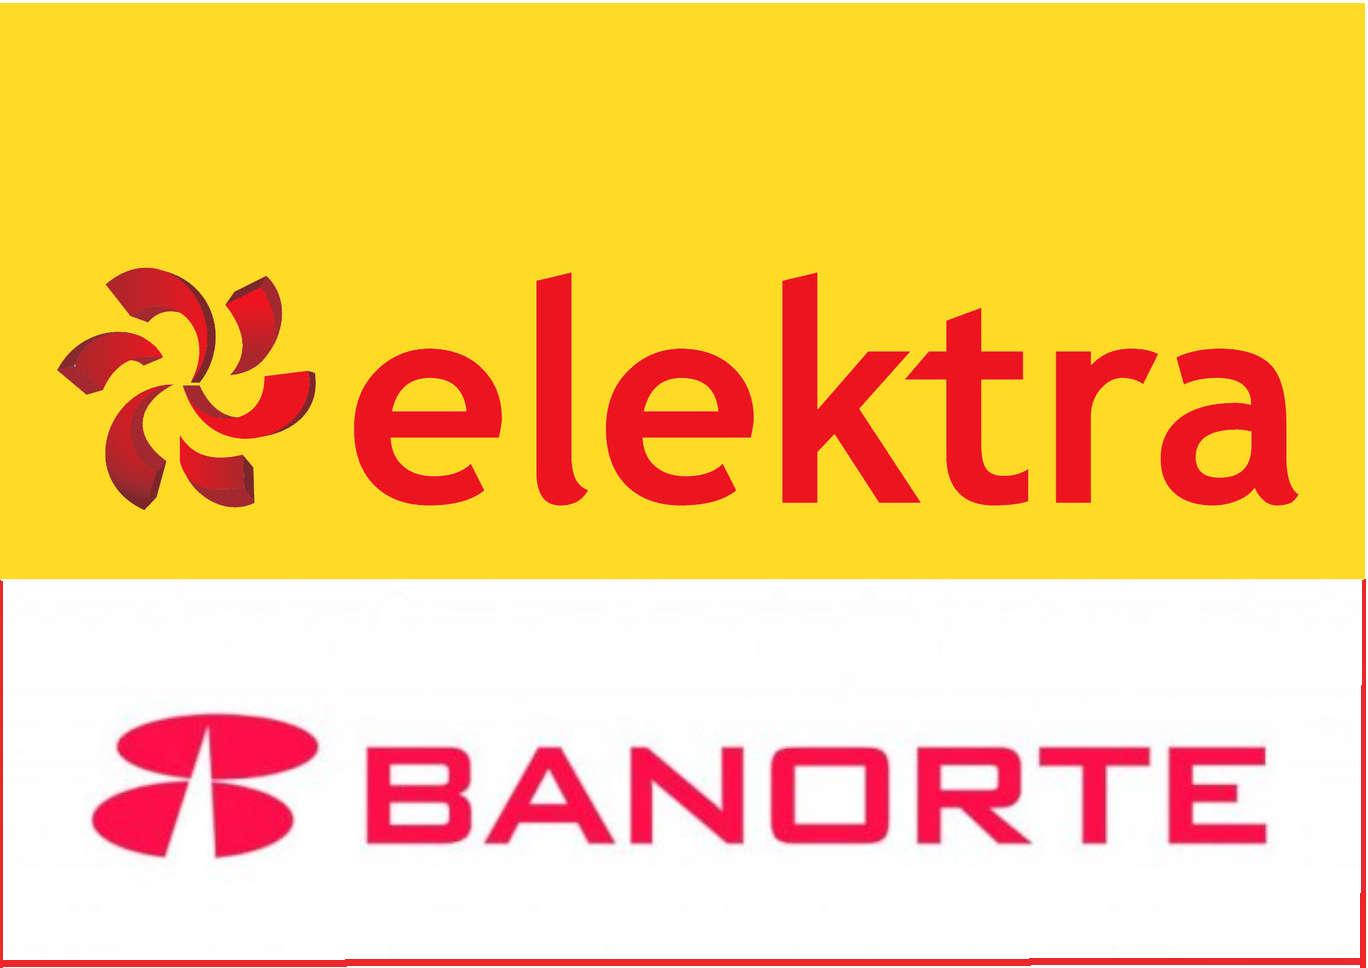 Elektra: 10% de descuento + 15% de Bonificación con tarjeta digital Banorte